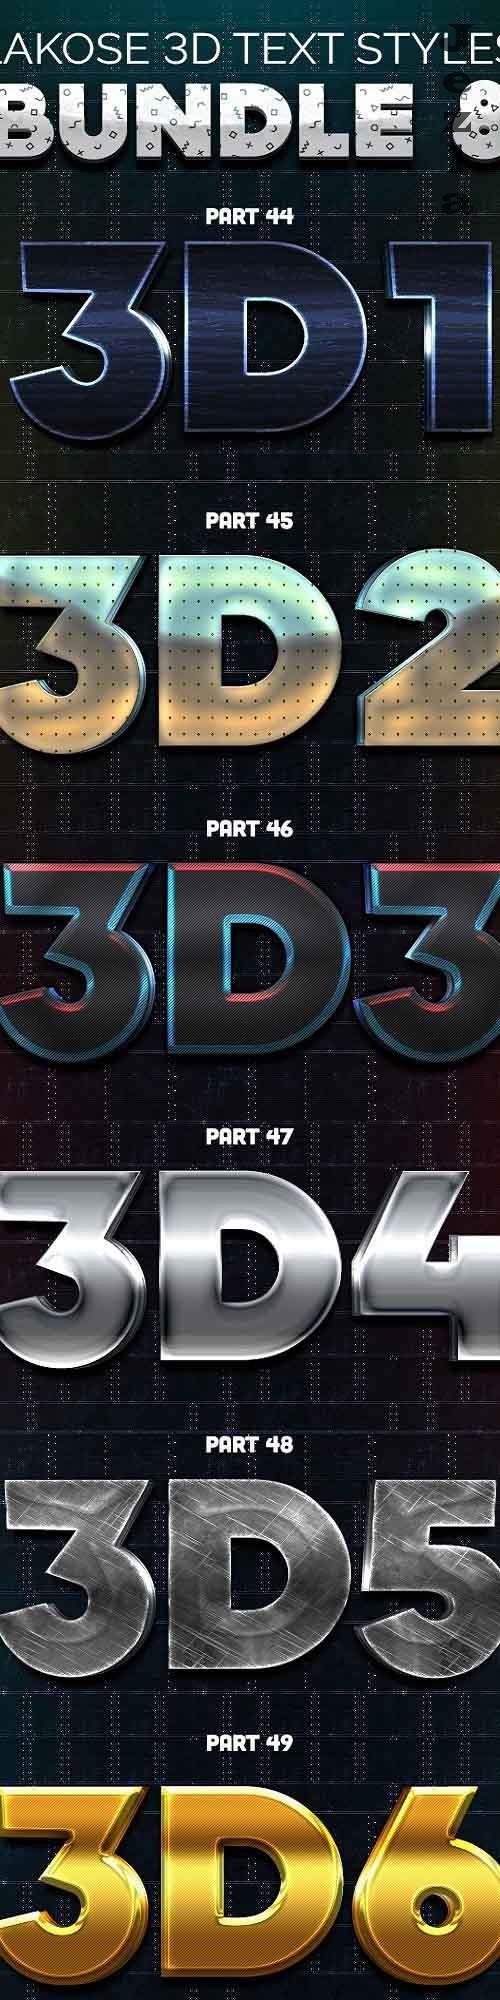 Lakose 3D Text Styles Bundle 8  - 26527596